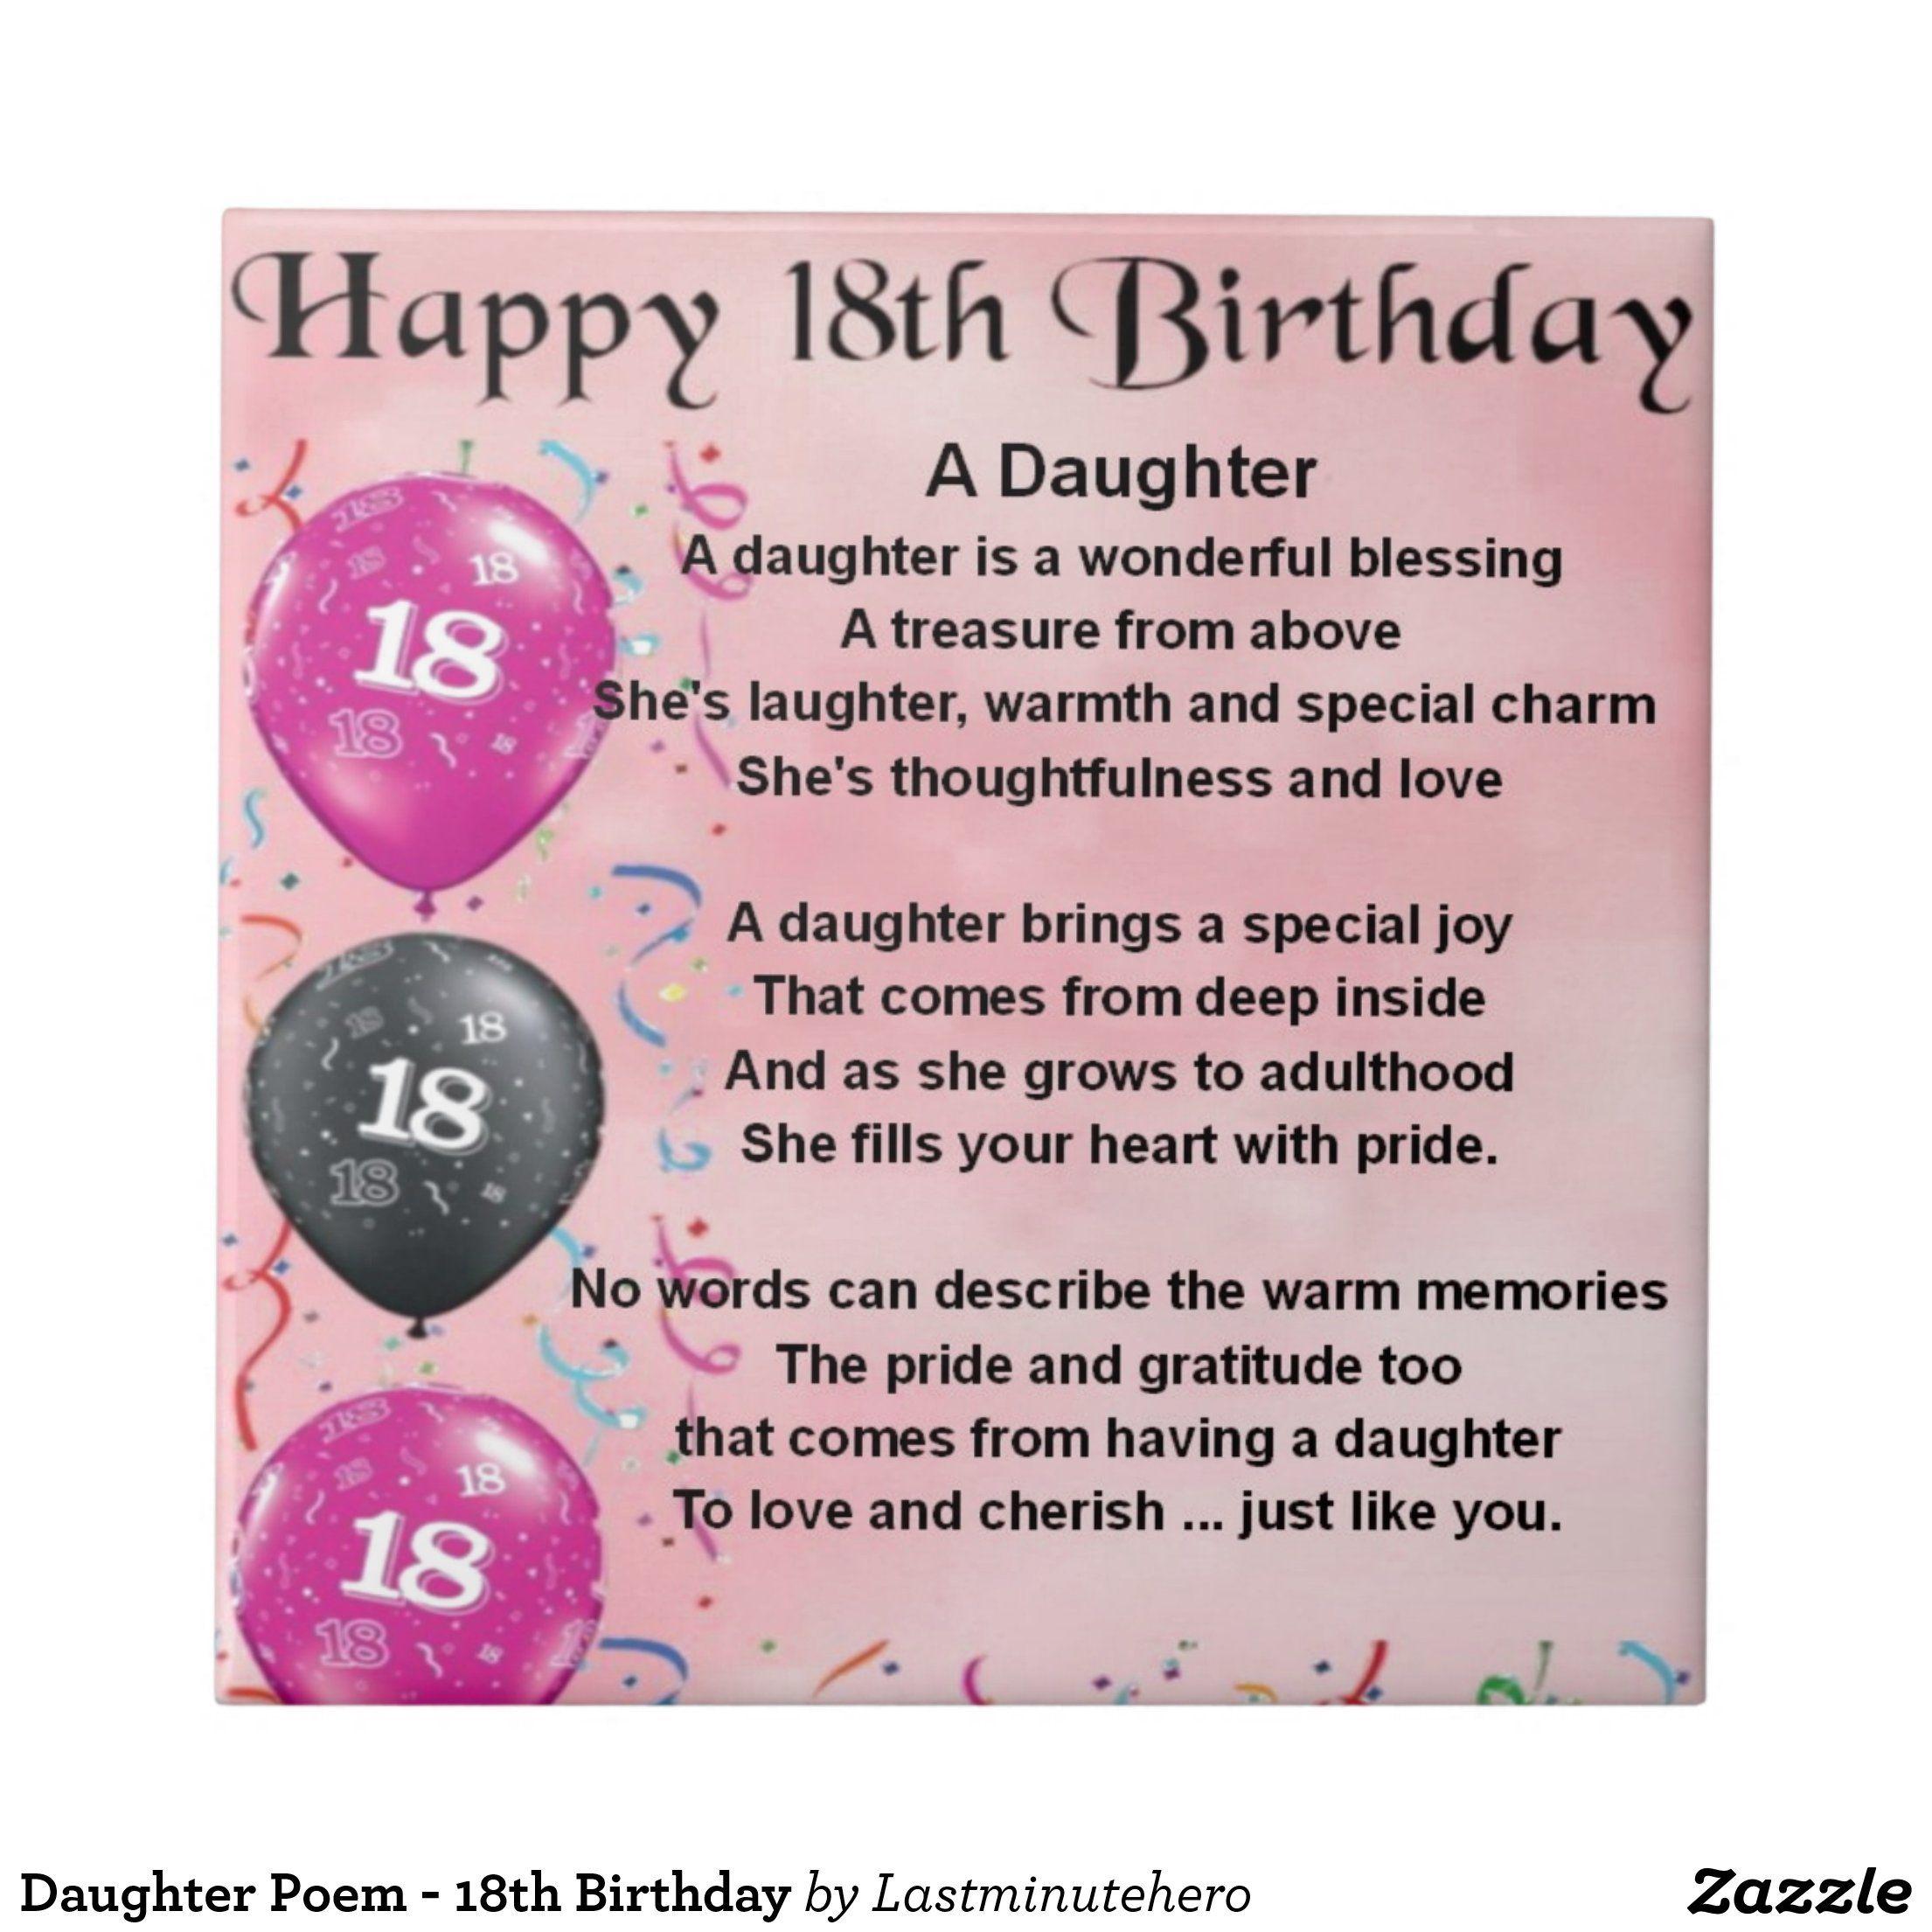 Daughter Poem 18th Birthday Ceramic Tile Zazzle Com Happy 18th Birthday Daughter Birthday Wishes For Daughter Wishes For Daughter